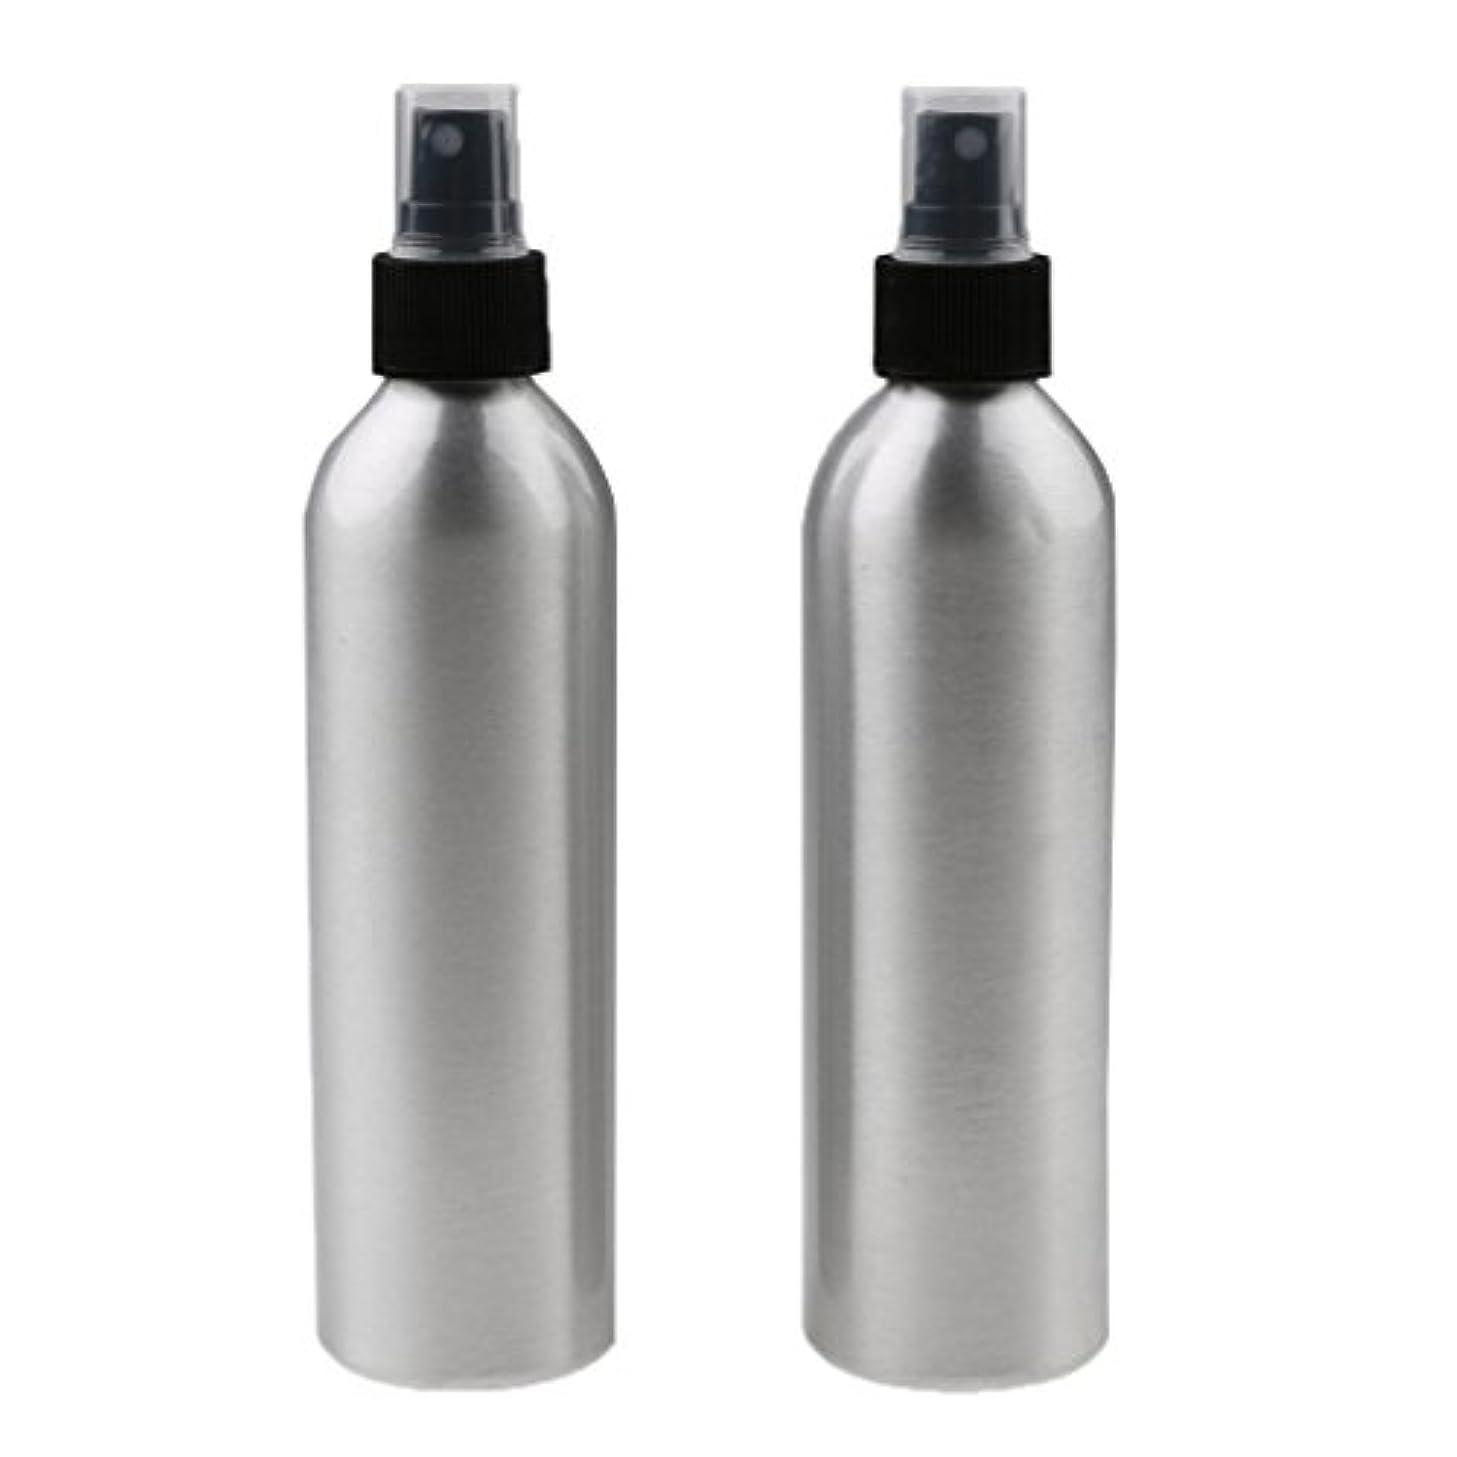 より多い上下する反発Kesoto 2個入り 旅行 アルミ ミスト スプレー 香水ボトル メイクアップ スプレー アトマイザー 女性用 美容 小物 軽量 持ち運び便利 全4サイズ - 100ml